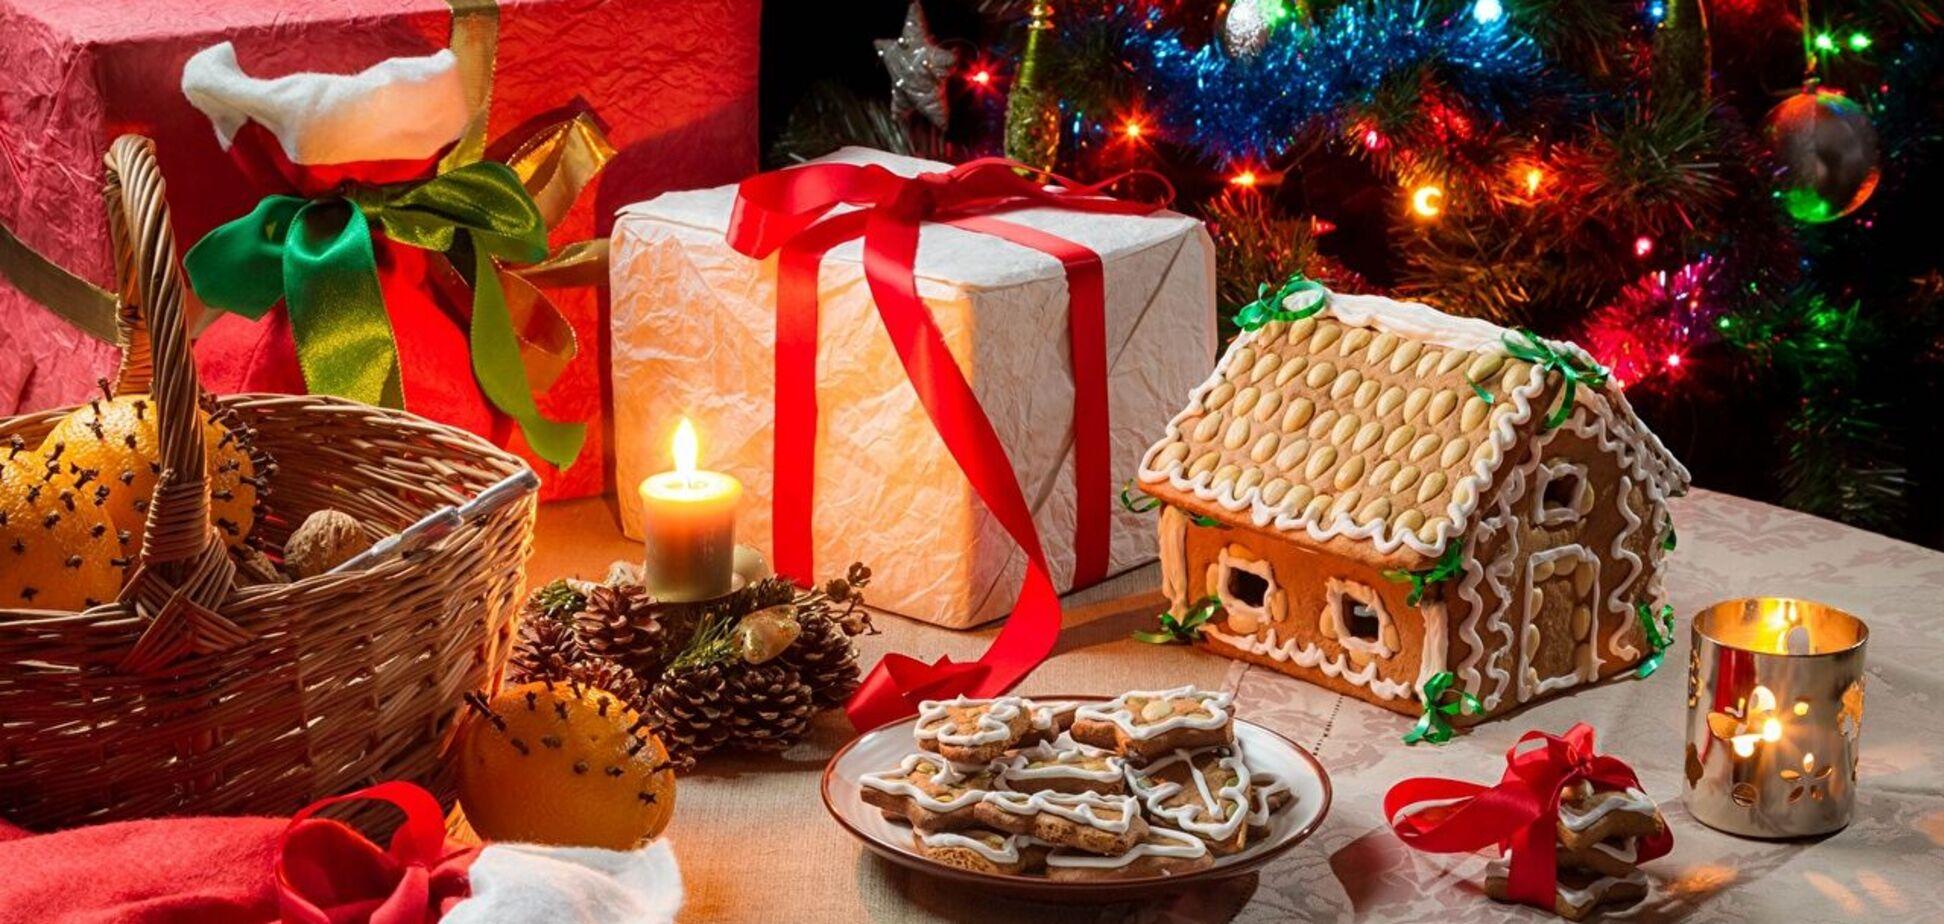 Почему весь мир отмечает Рождество 25 декабря?